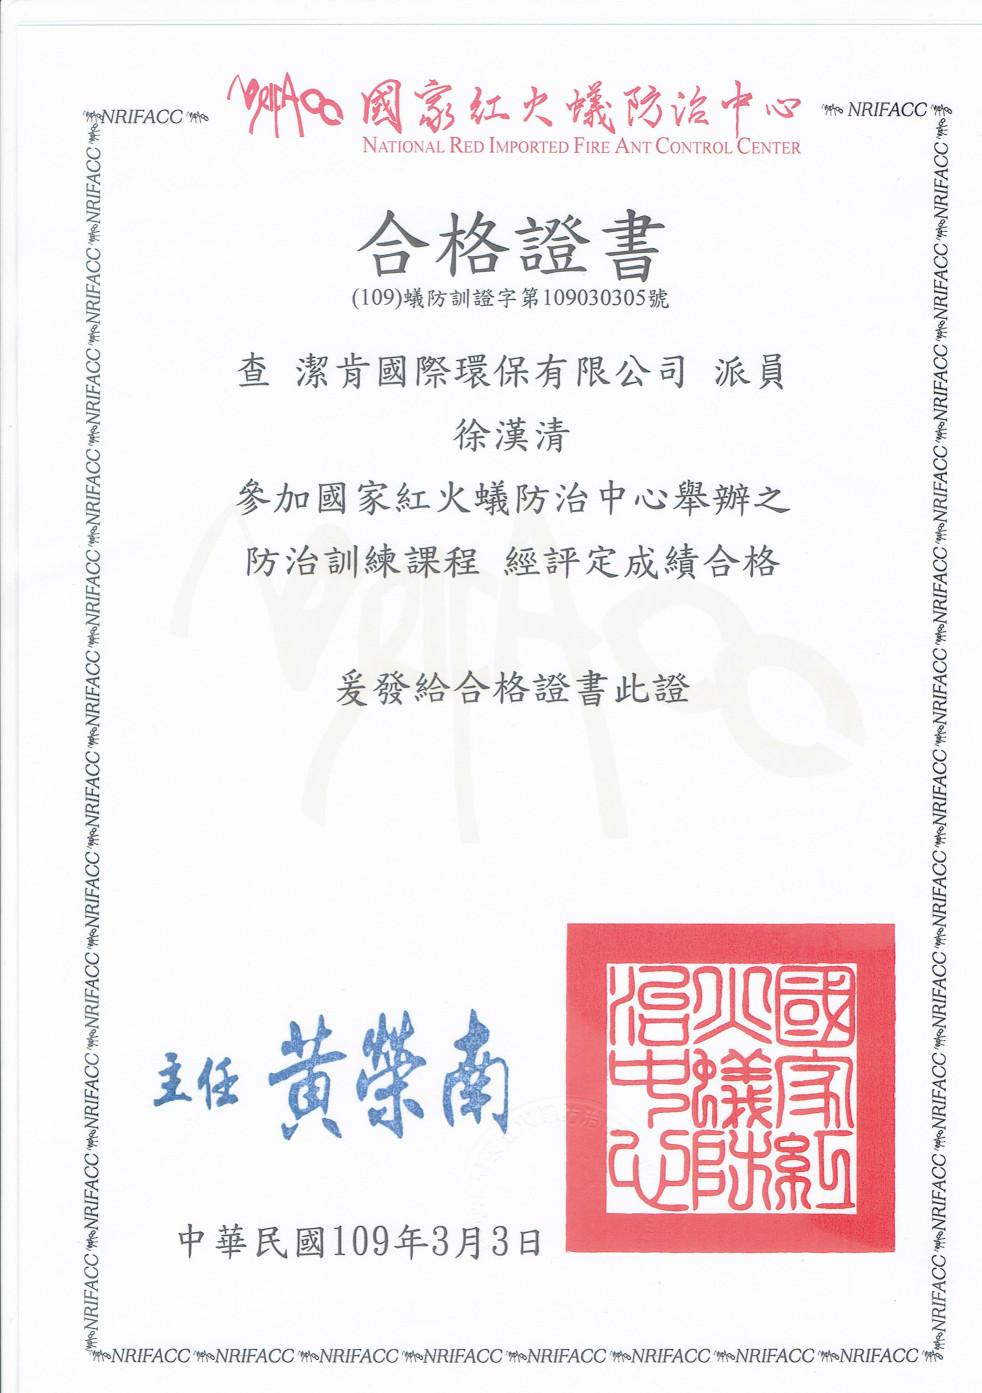 潔肯國際環保徐漢清,取得紅火蟻專業防治相關資格證照